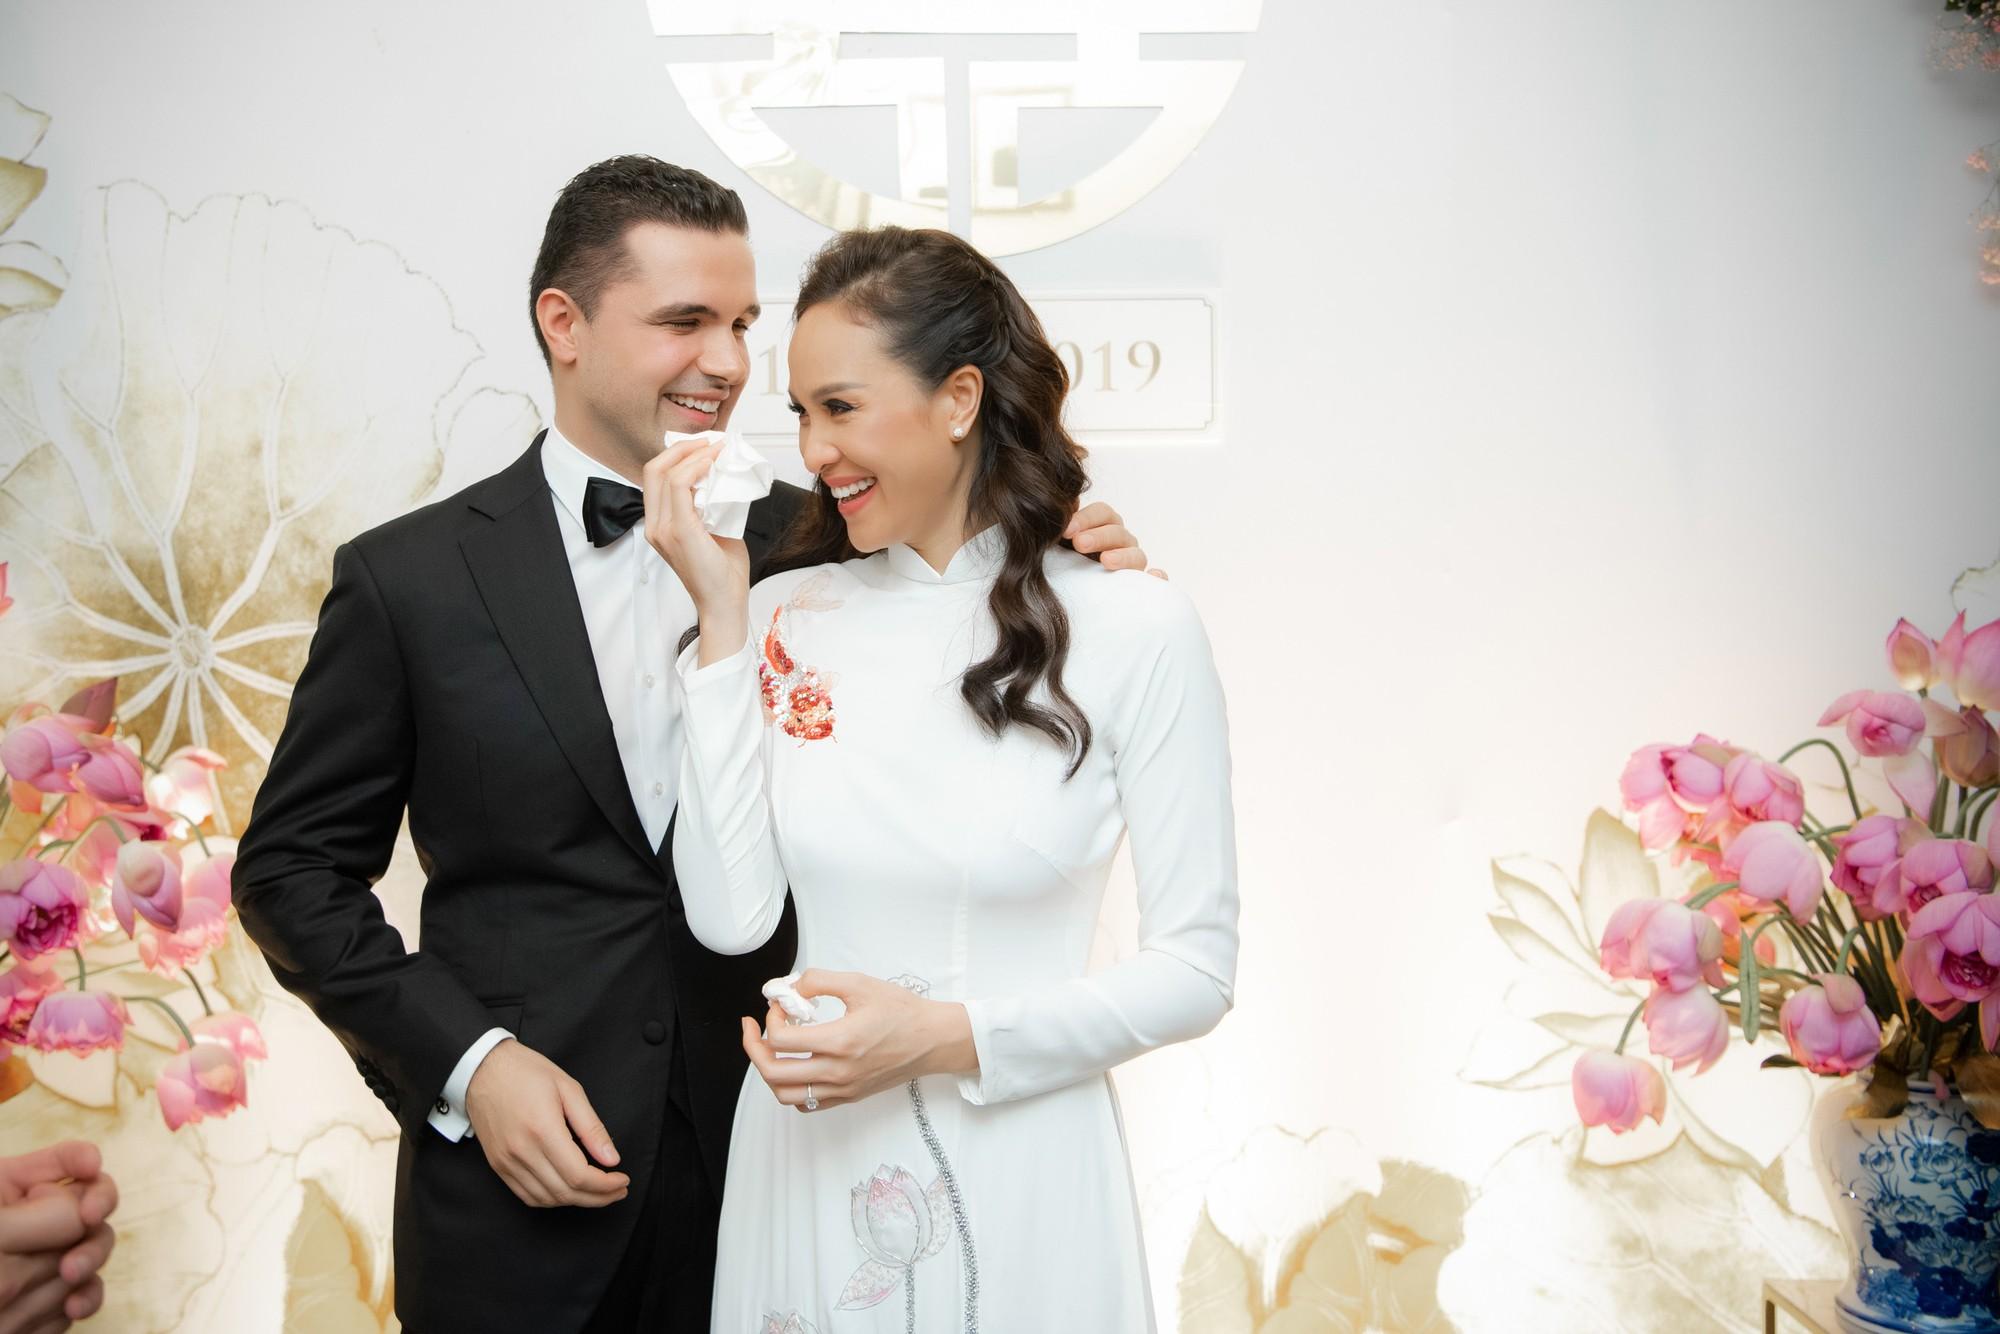 MC Phương Mai bật khóc xúc động, khoá môi ông xã Tây ngọt ngào trong ngày lên xe hoa về nhà chồng - Ảnh 7.